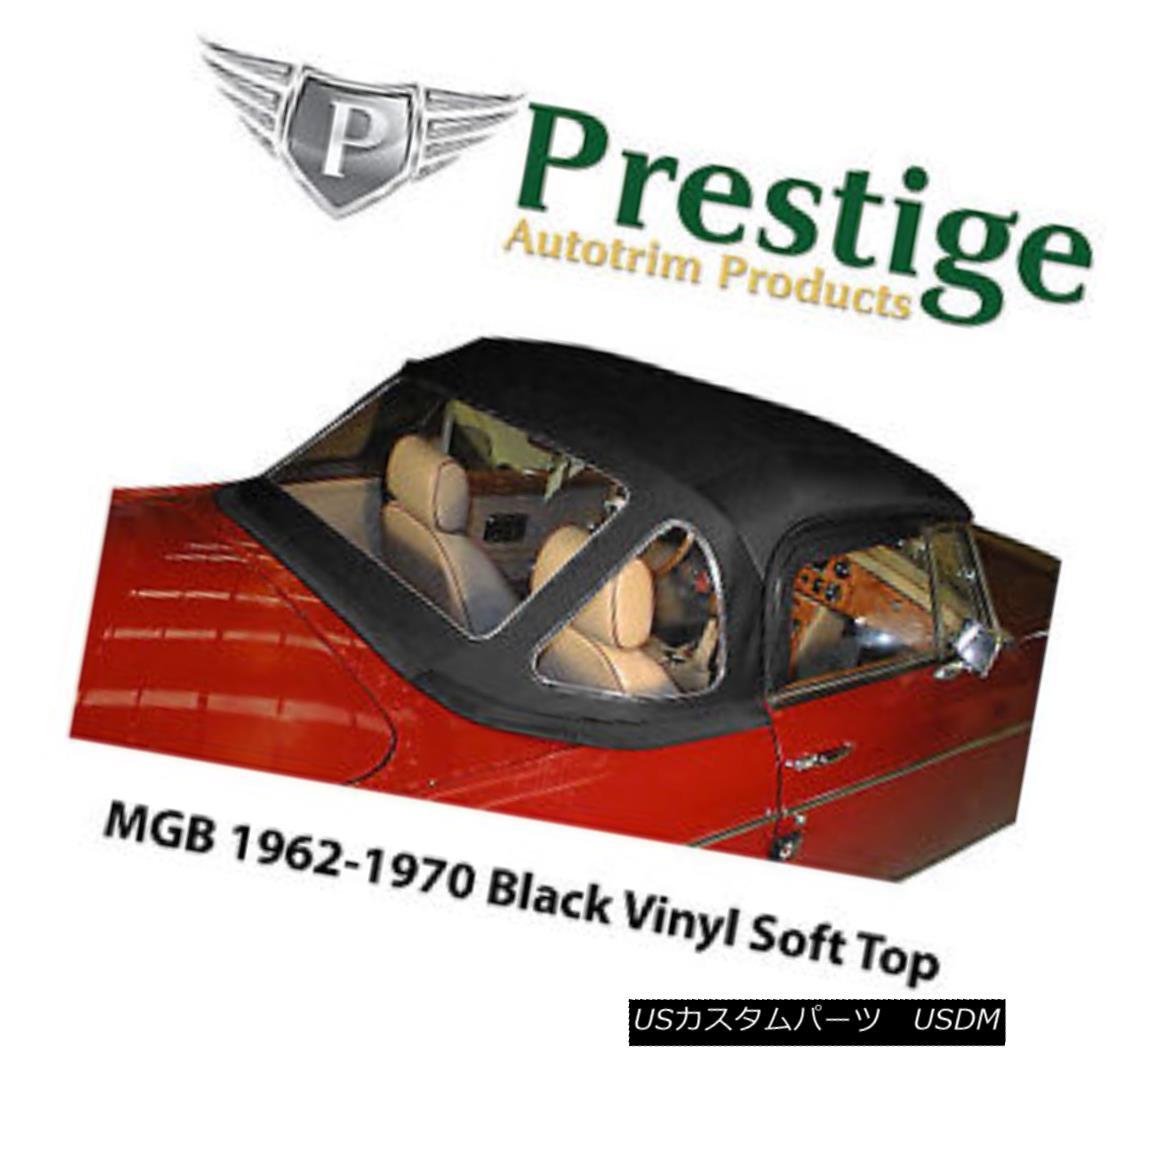 幌・ソフトトップ MGB/MGC Soft Tops Convertible Tops Black Vinyl 1962-1970 MGB / MGCソフトトップス・ブラック・ビニール1962-1970